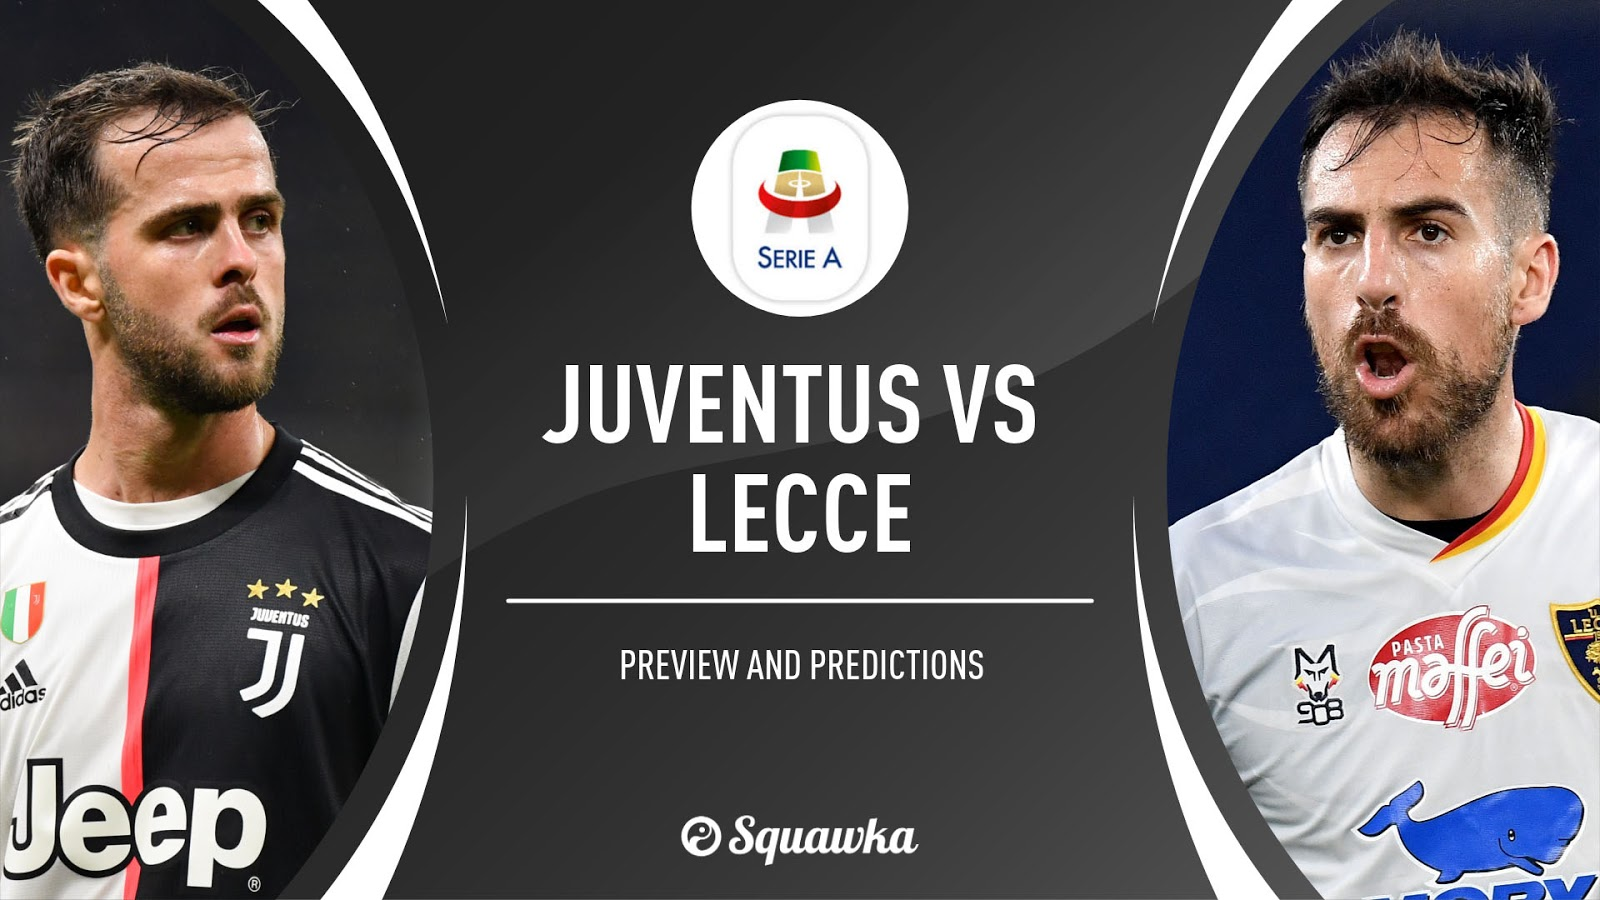 موعد مباراة يوفنتوس وليتشي اليوم 26-06-2020 في الدوري الايطالي